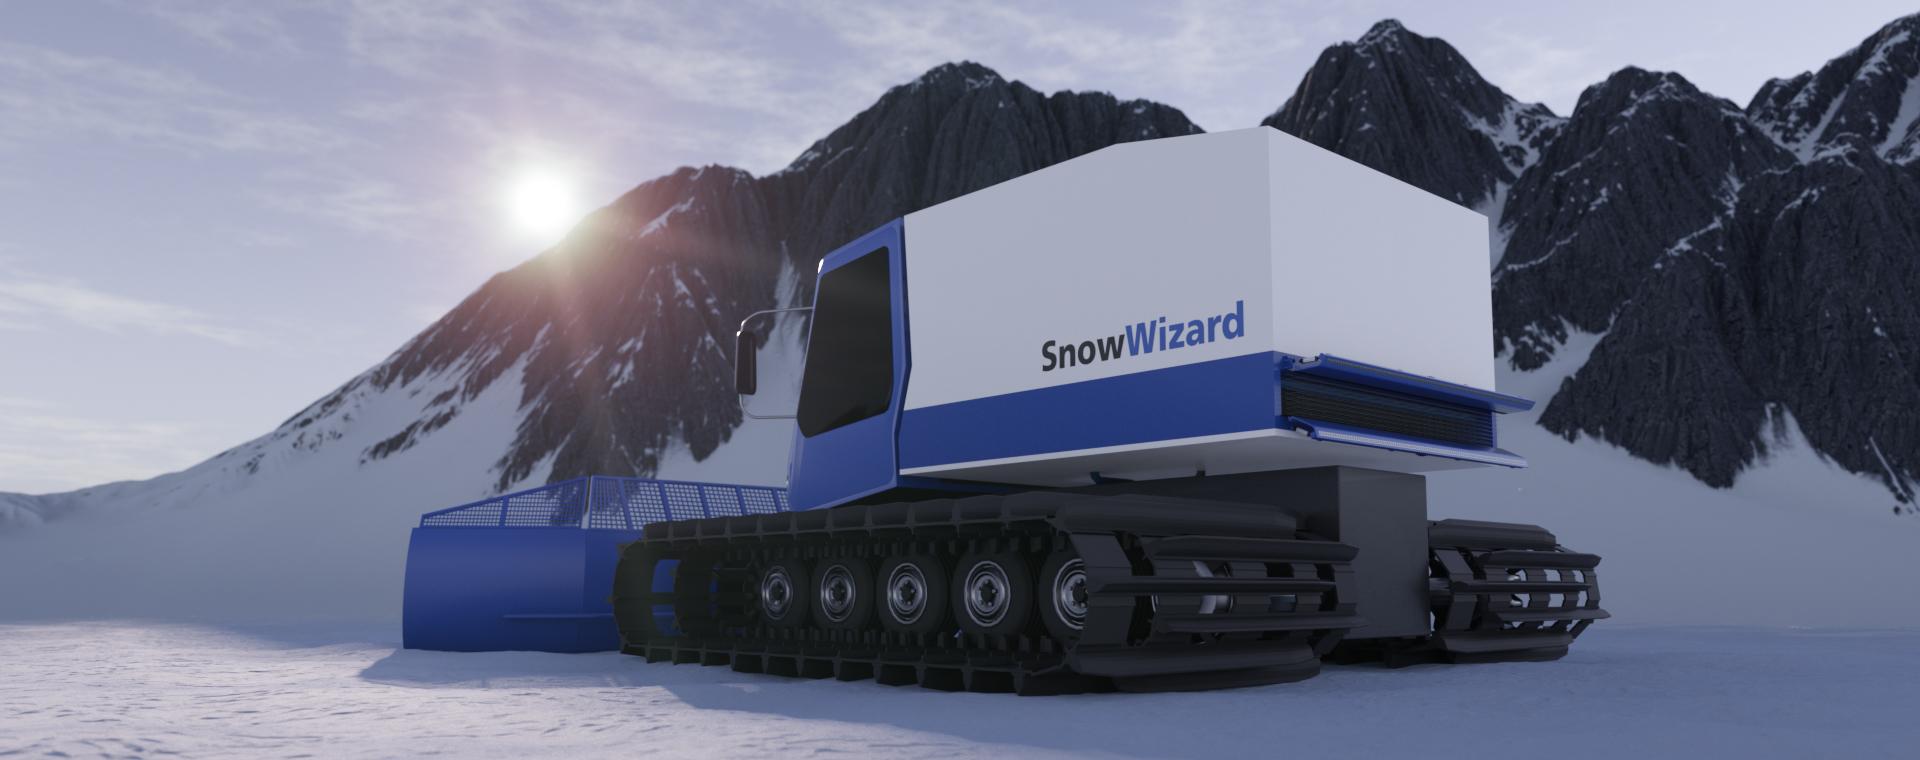 Mobile SnowWizard